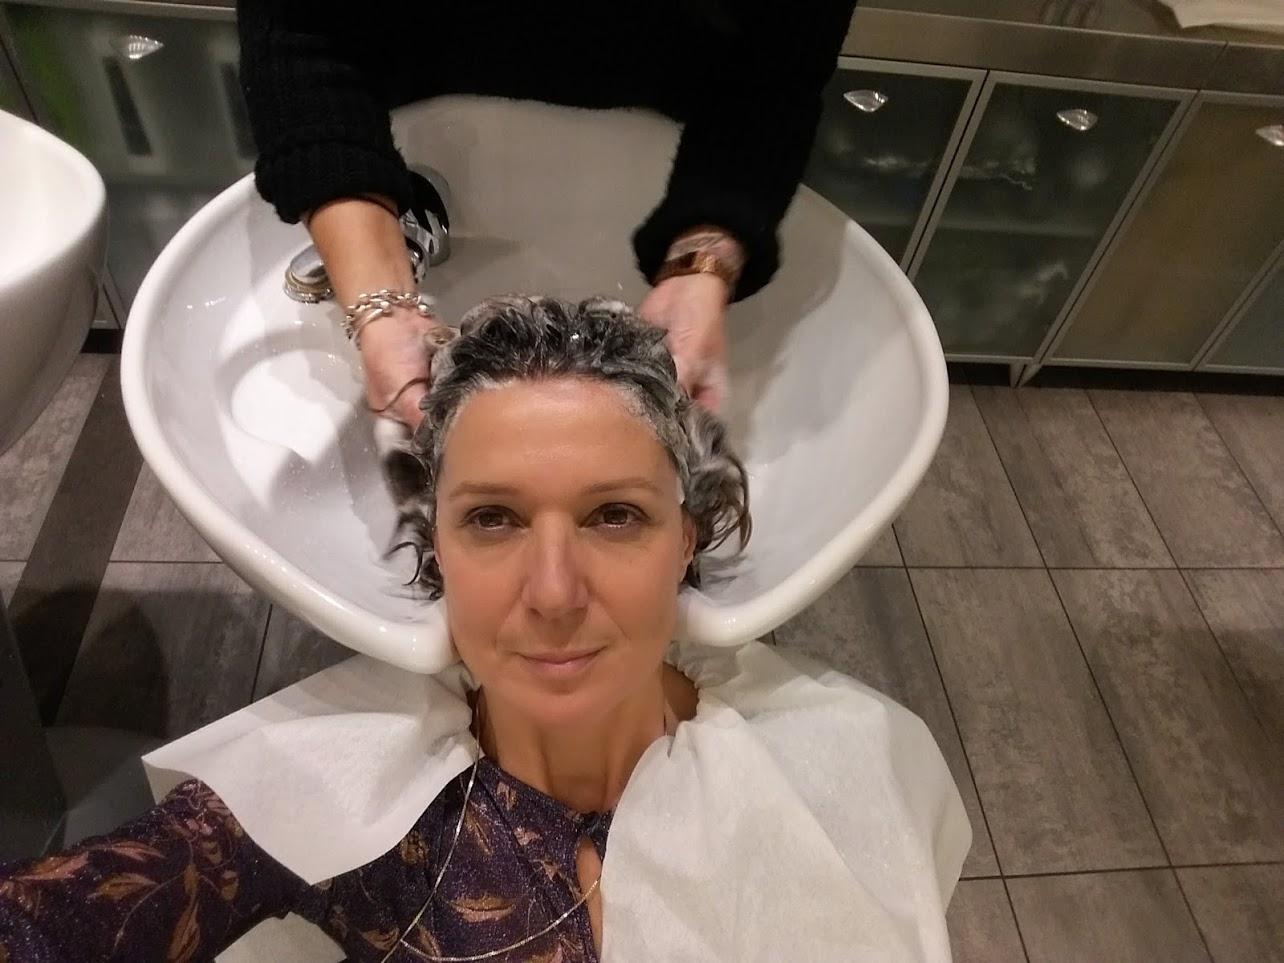 Quasi quasi mi faccio uno shampoo, thebeautyobserver.it